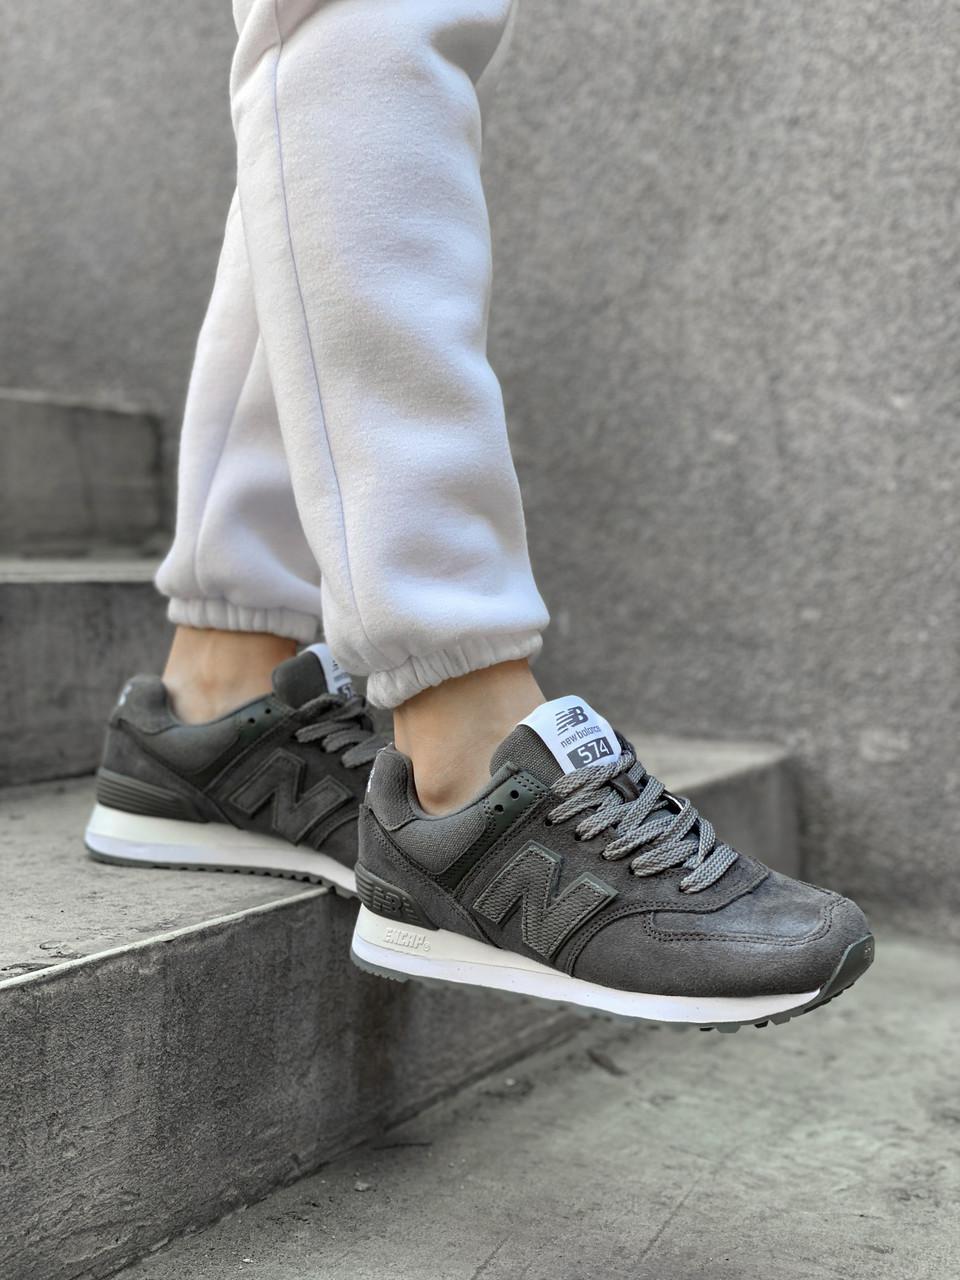 Женские кроссовки New Balance 574 Серые замшевые, Реплика